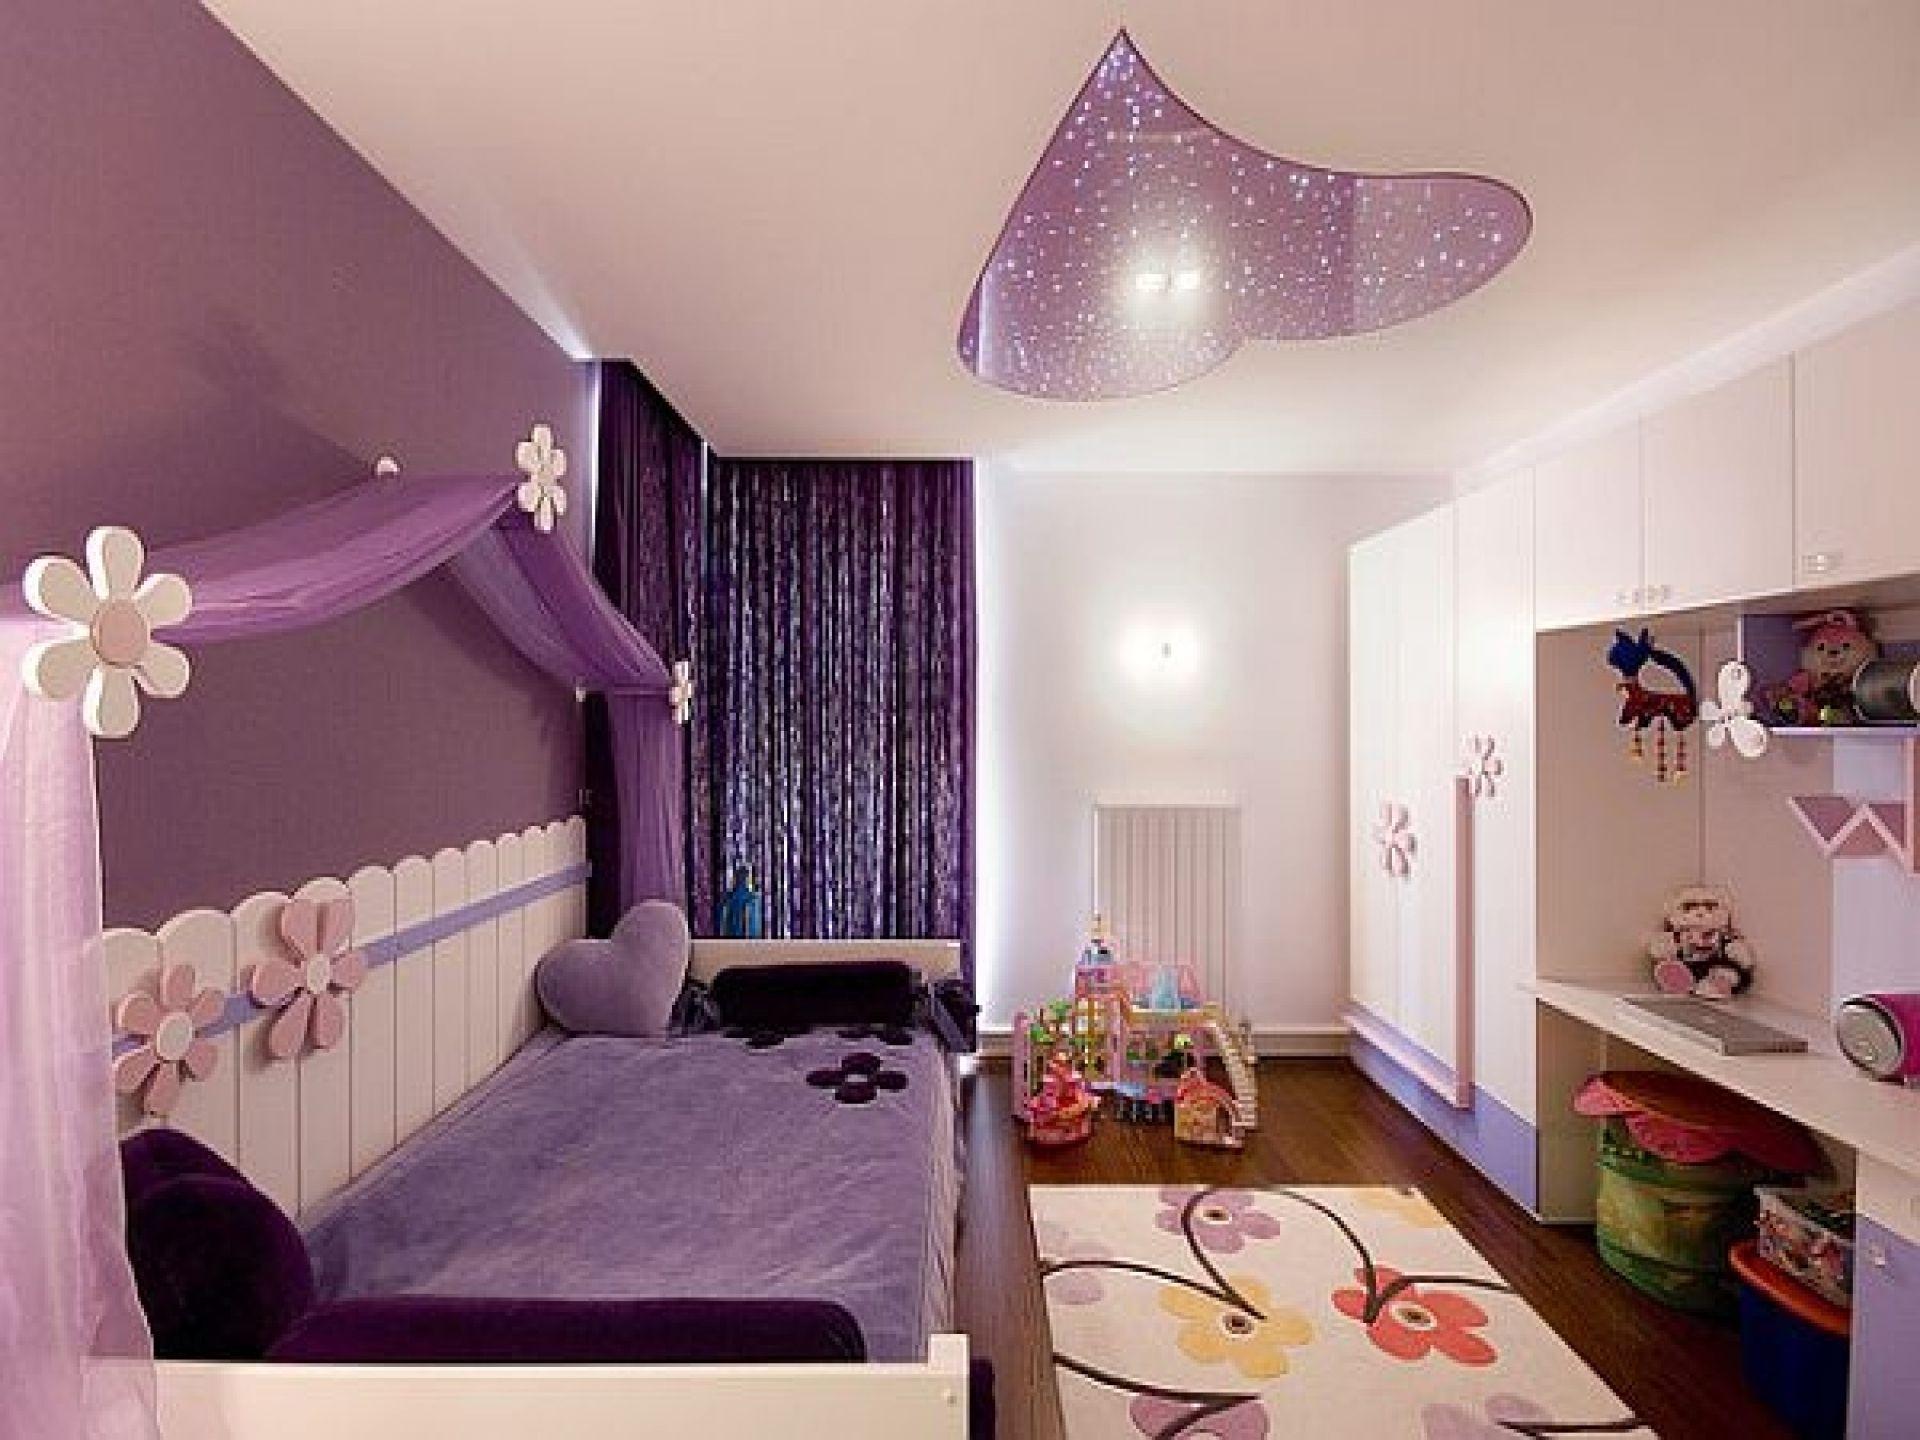 Badezimmer ideen für teenager wohnkultur trends  purple teen zimmer  interiors